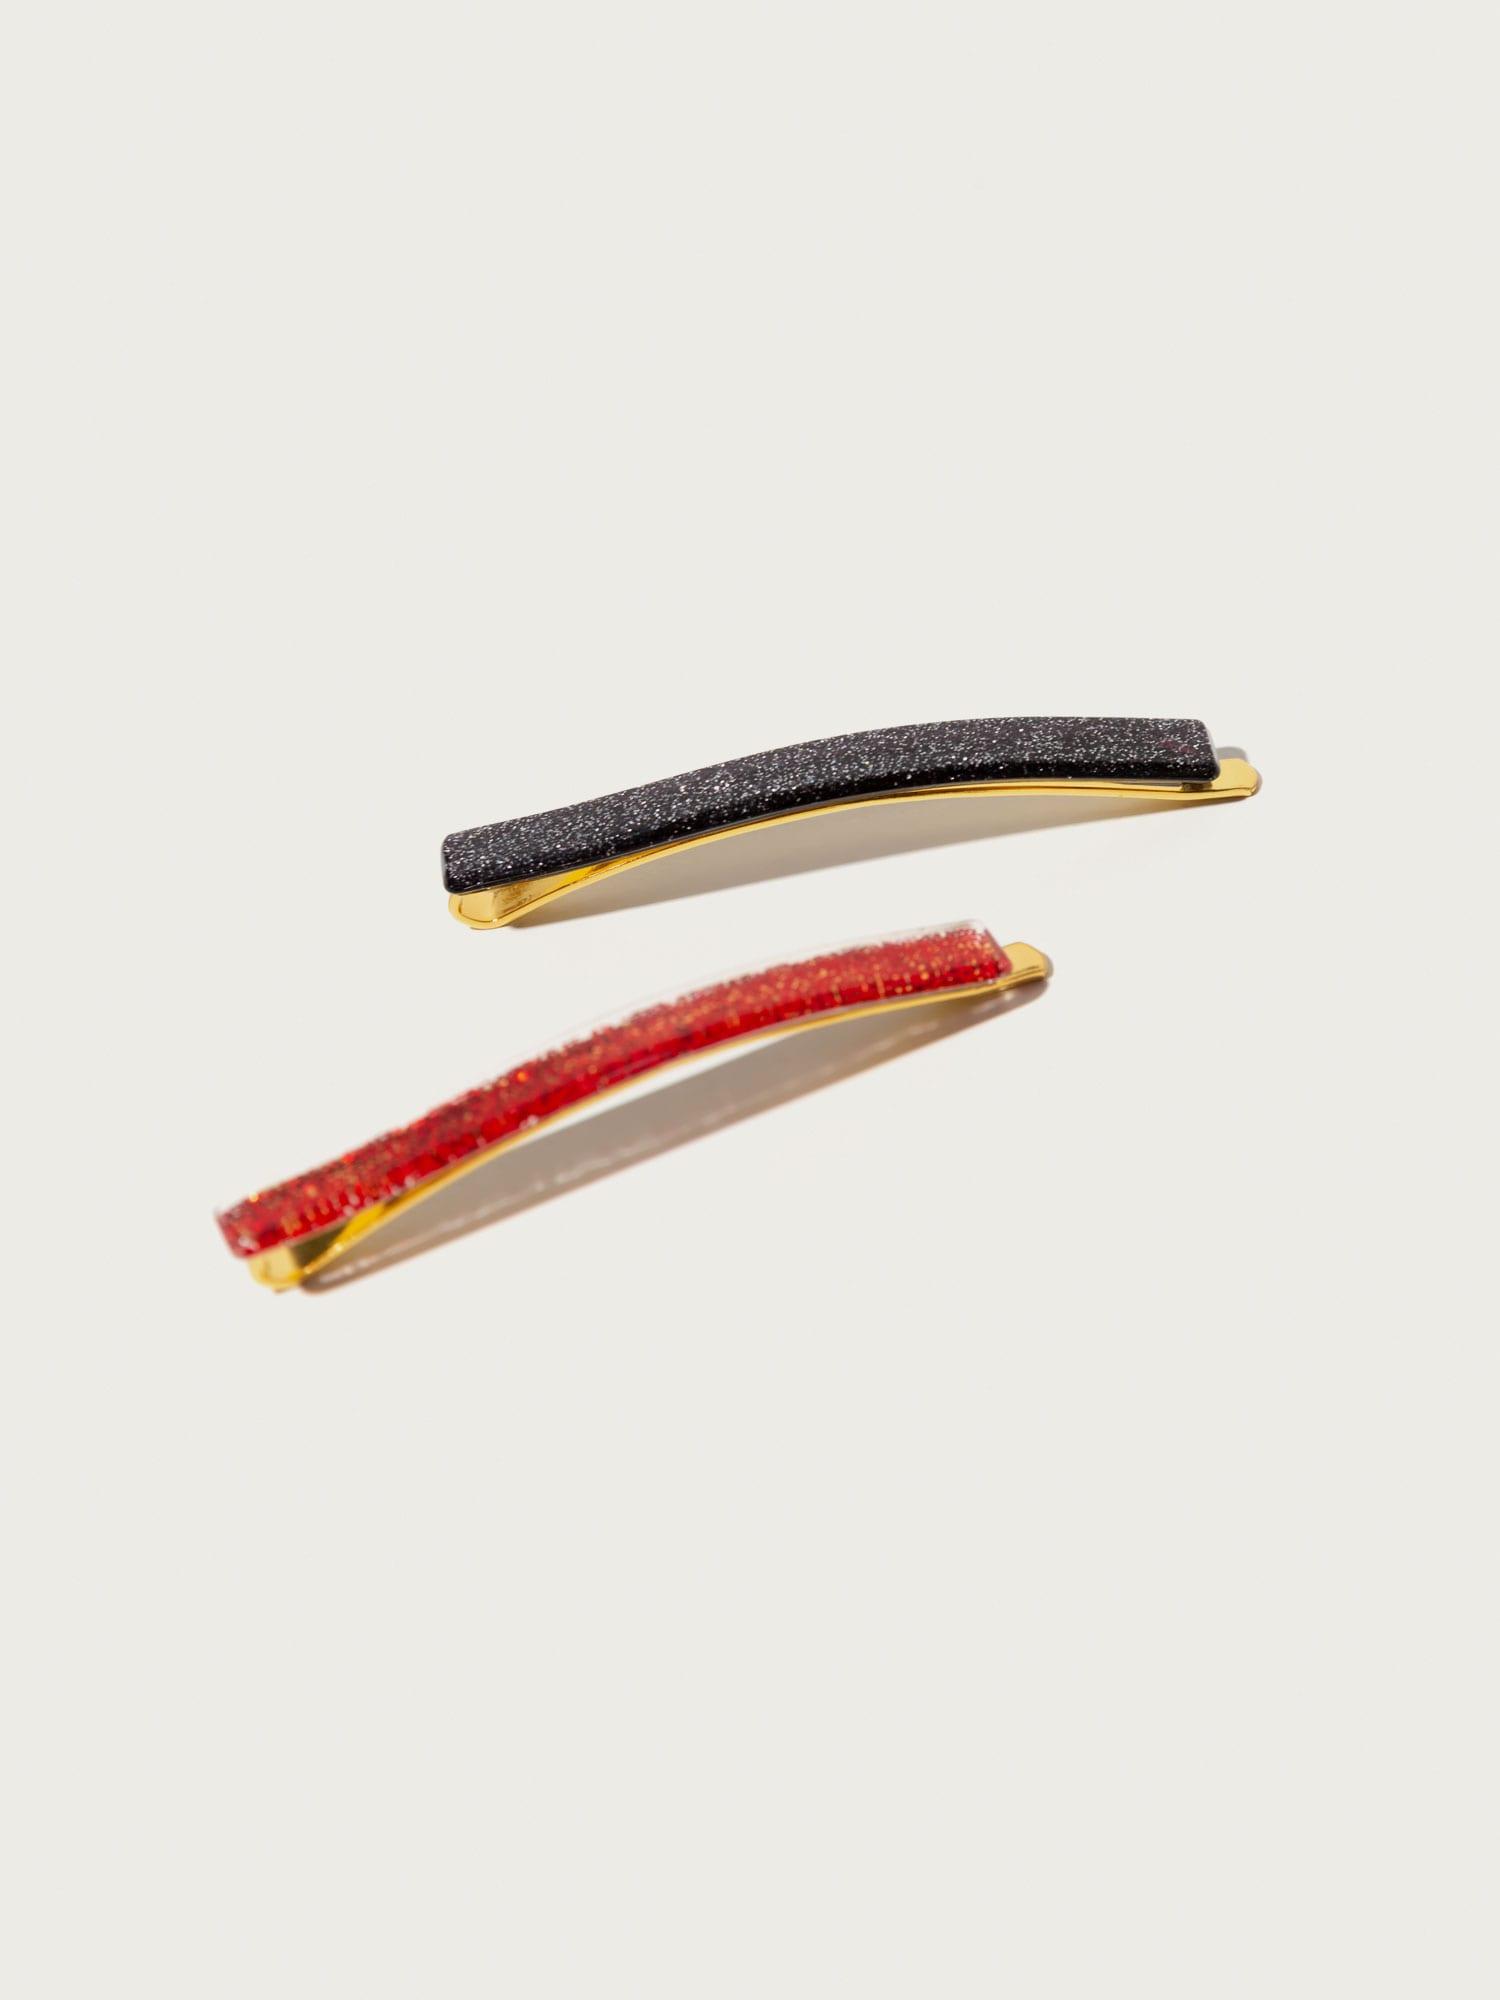 Šperky do vlasů Sparkle červená černá Pico For EDITED